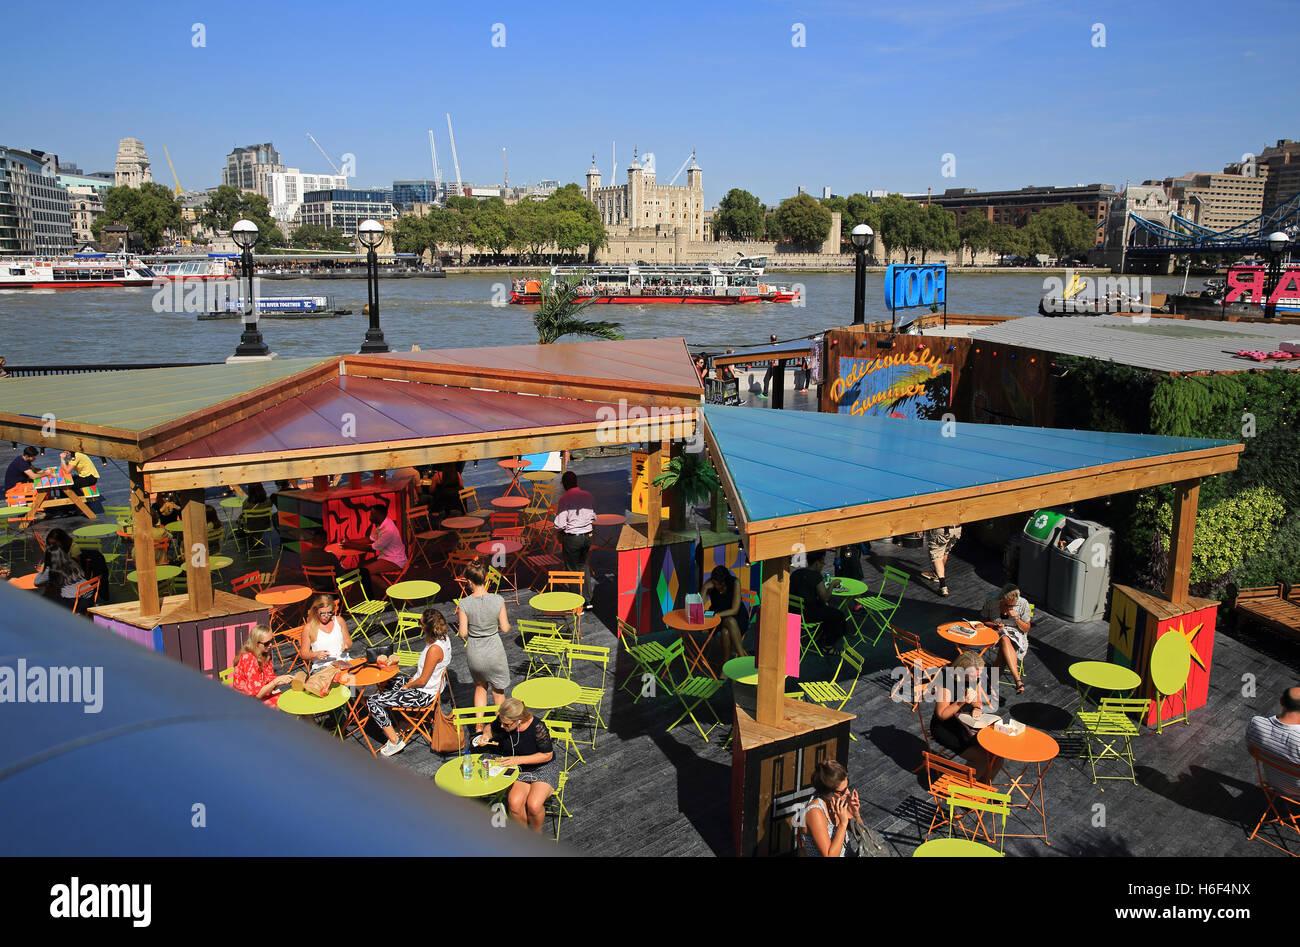 Elegant Küche Und Mehr Galerie Von London Riviera, Im Sommer Pop-up-bar Küche, An